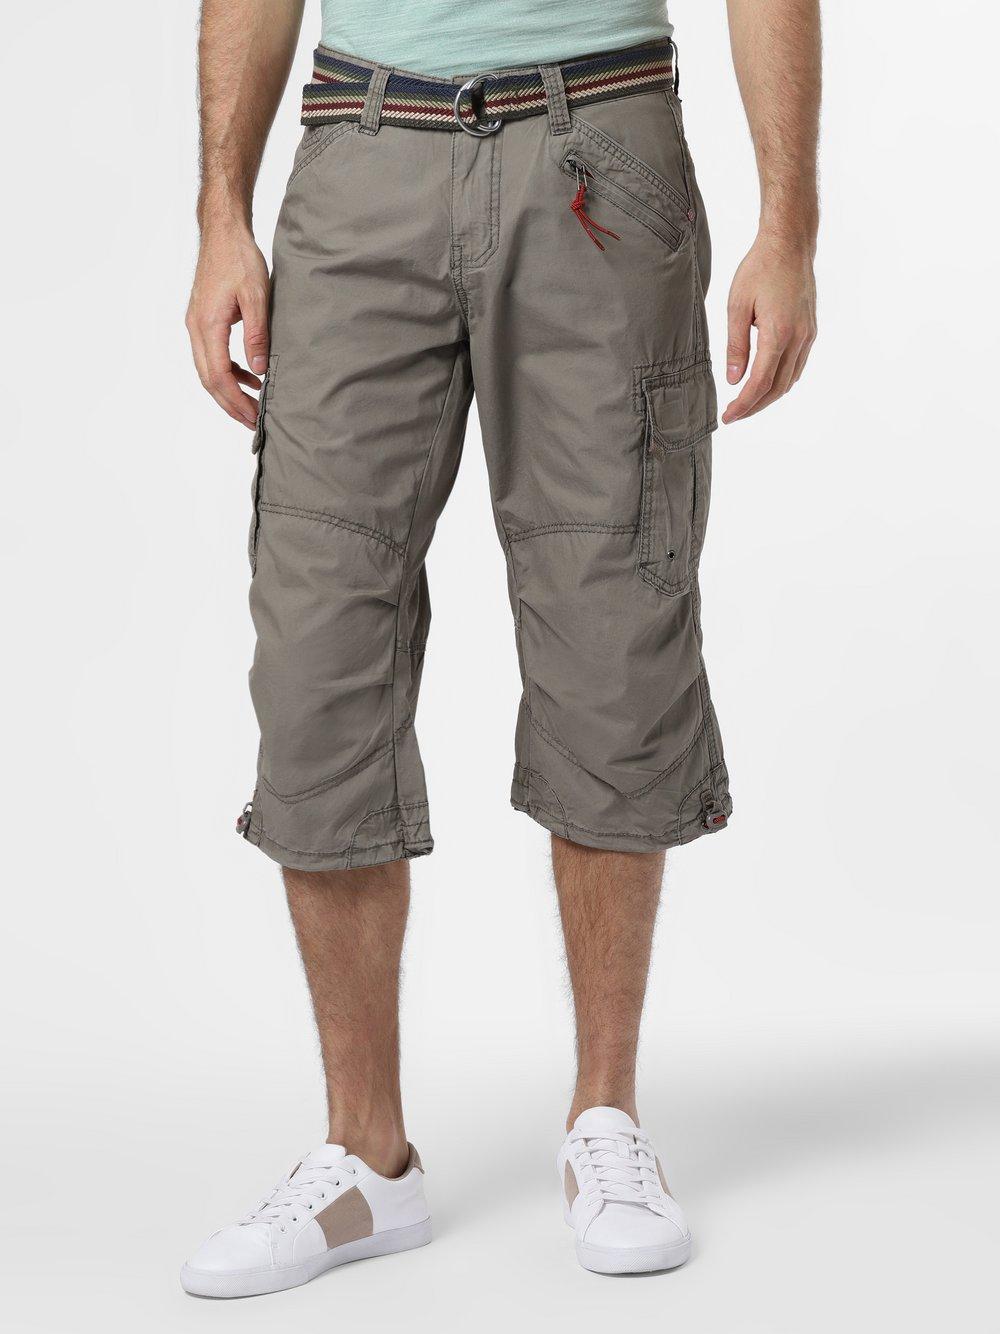 Timezone – Spodnie męskie, szary Van Graaf 466016-0002-00330